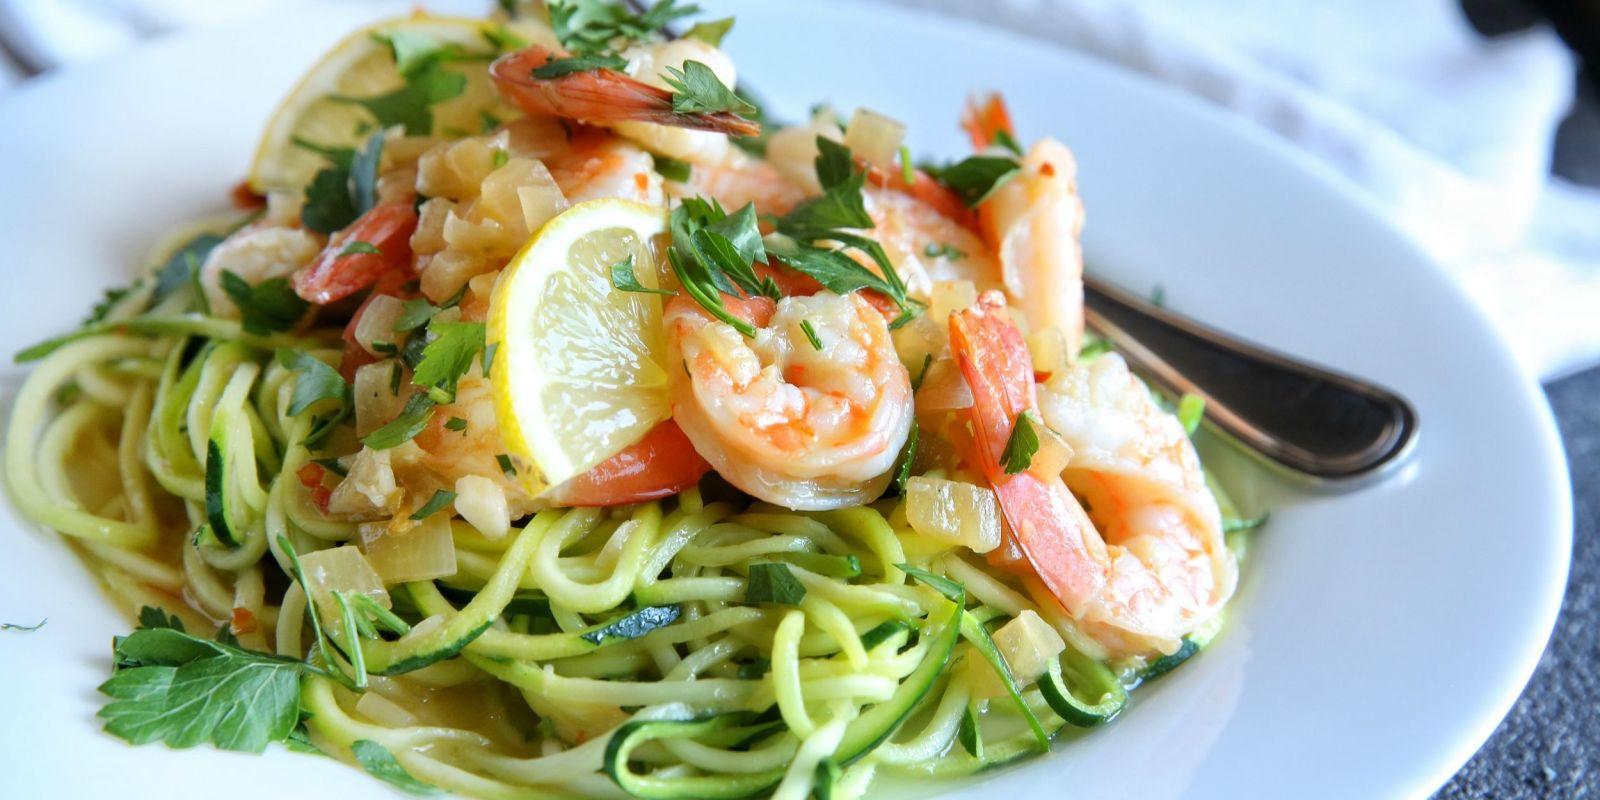 Summertime Dinner Ideas  100 Easy Summer Dinner Recipes Best Ideas for Summer